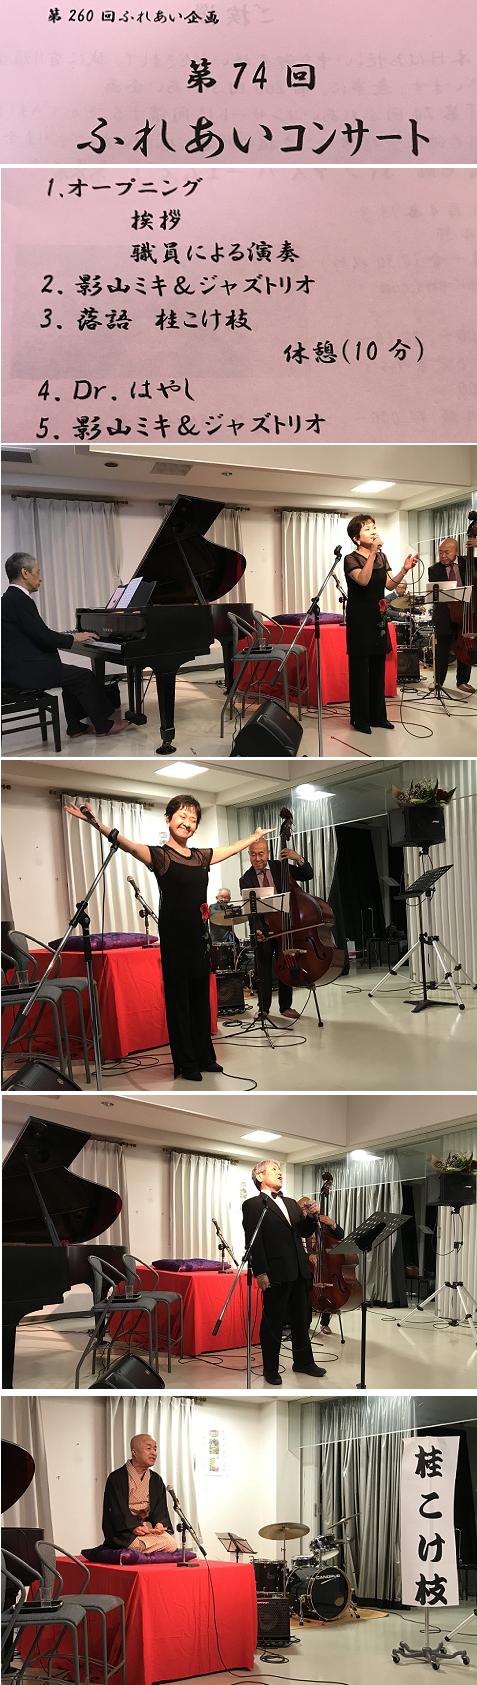 20171008ふれあいコンサート1